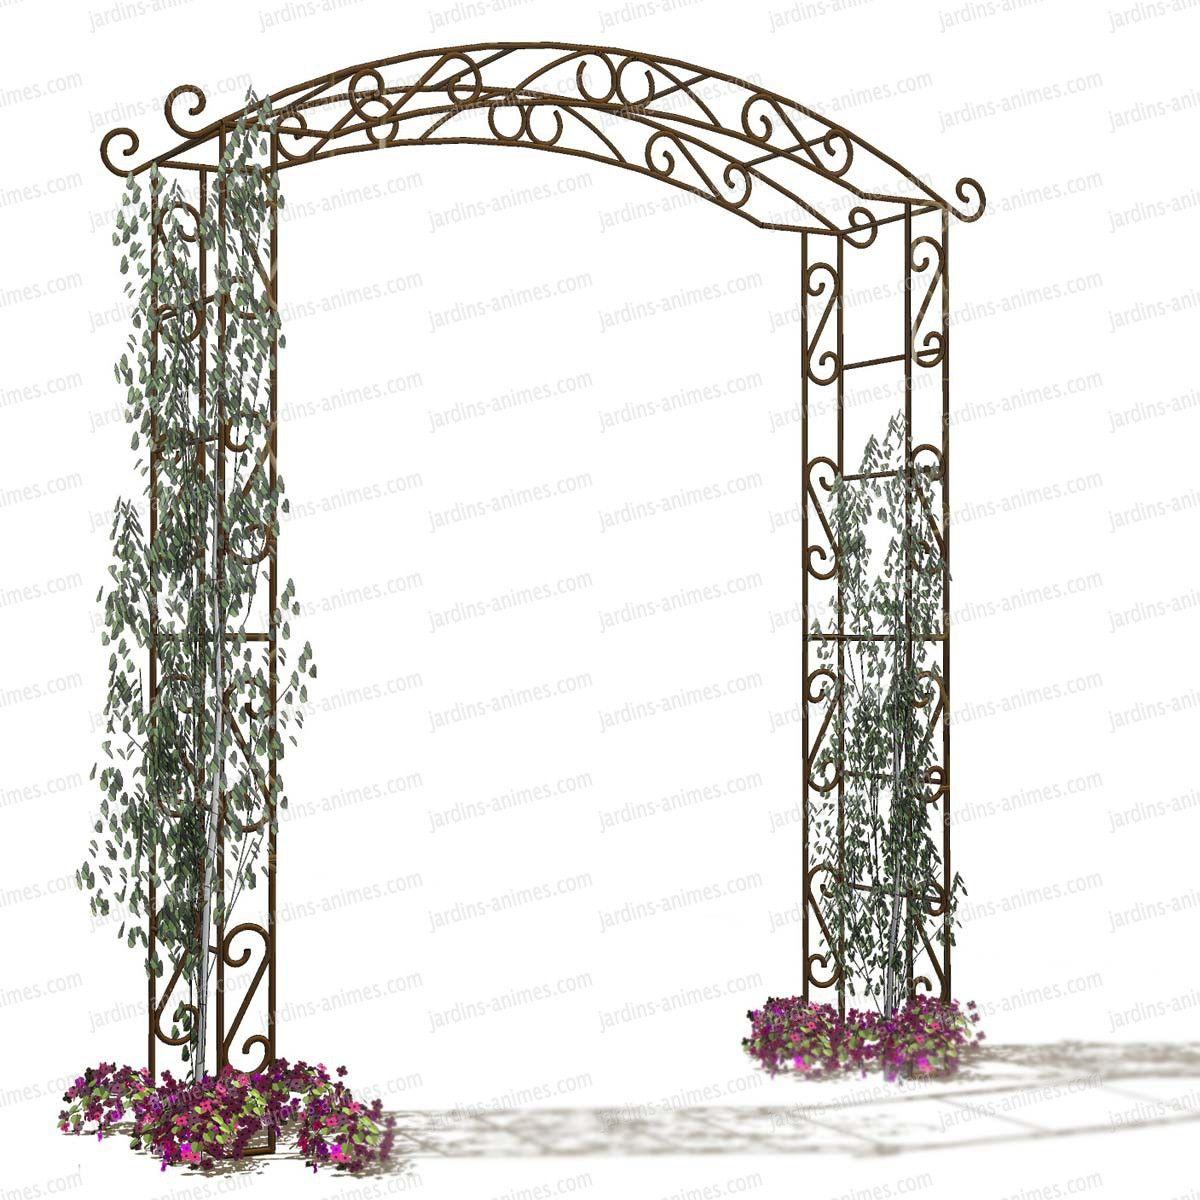 Arche de jardin Pagode | Arches de jardin, Kiosque et Marquise